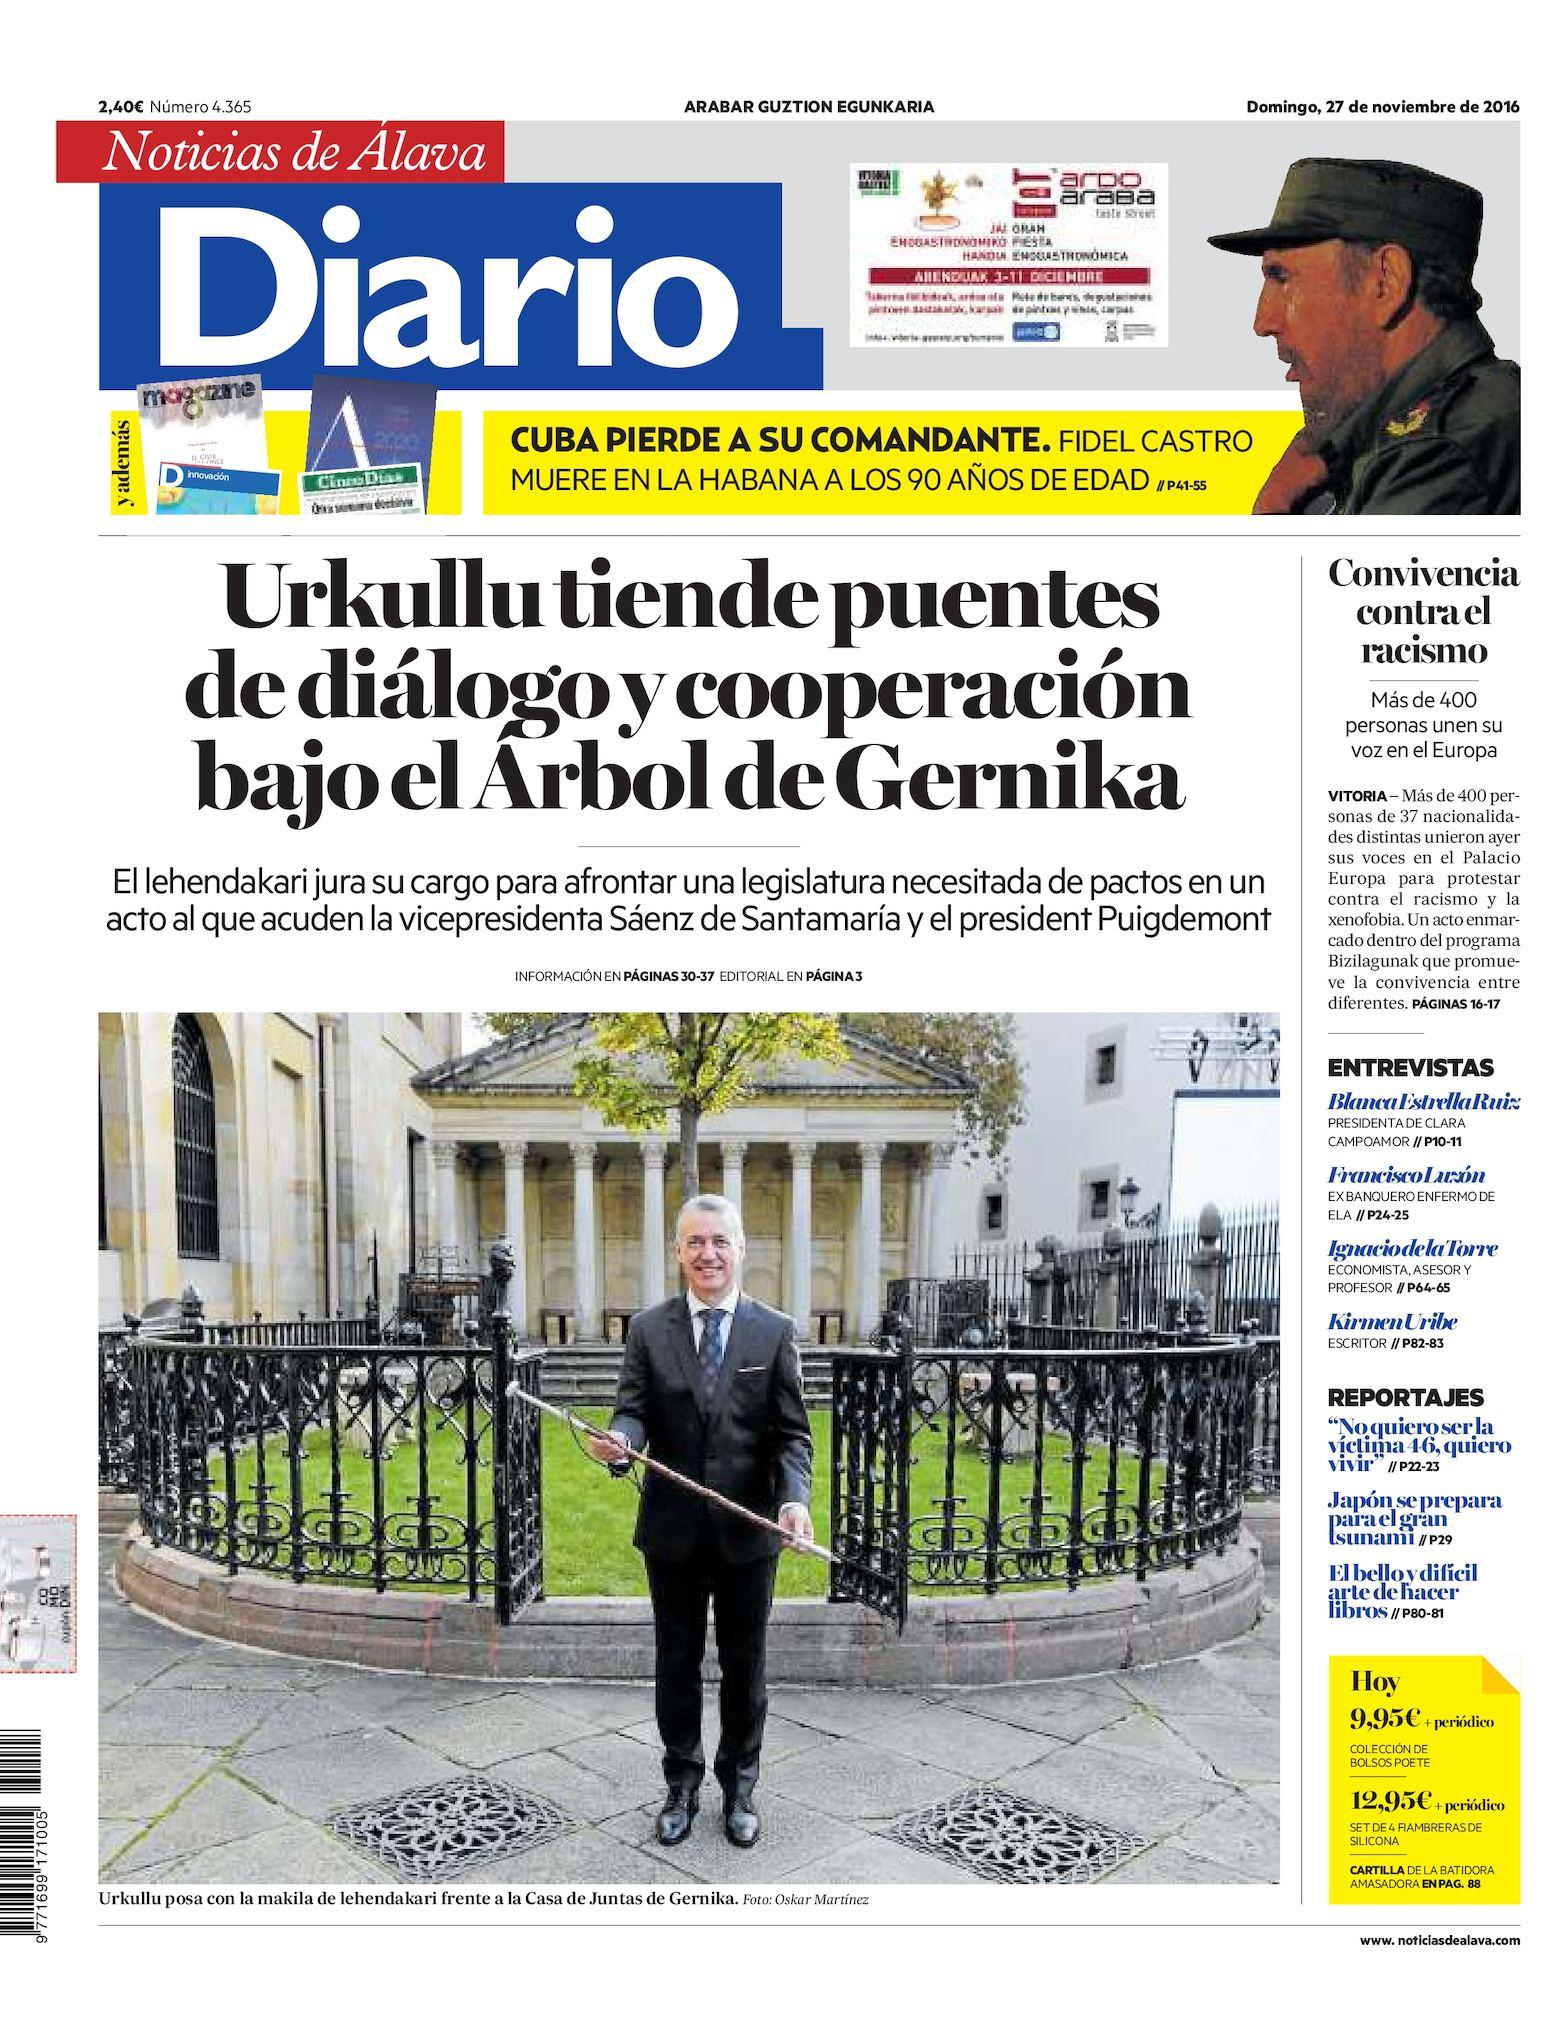 Calaméo Diario de Noticias de Álava 20161127